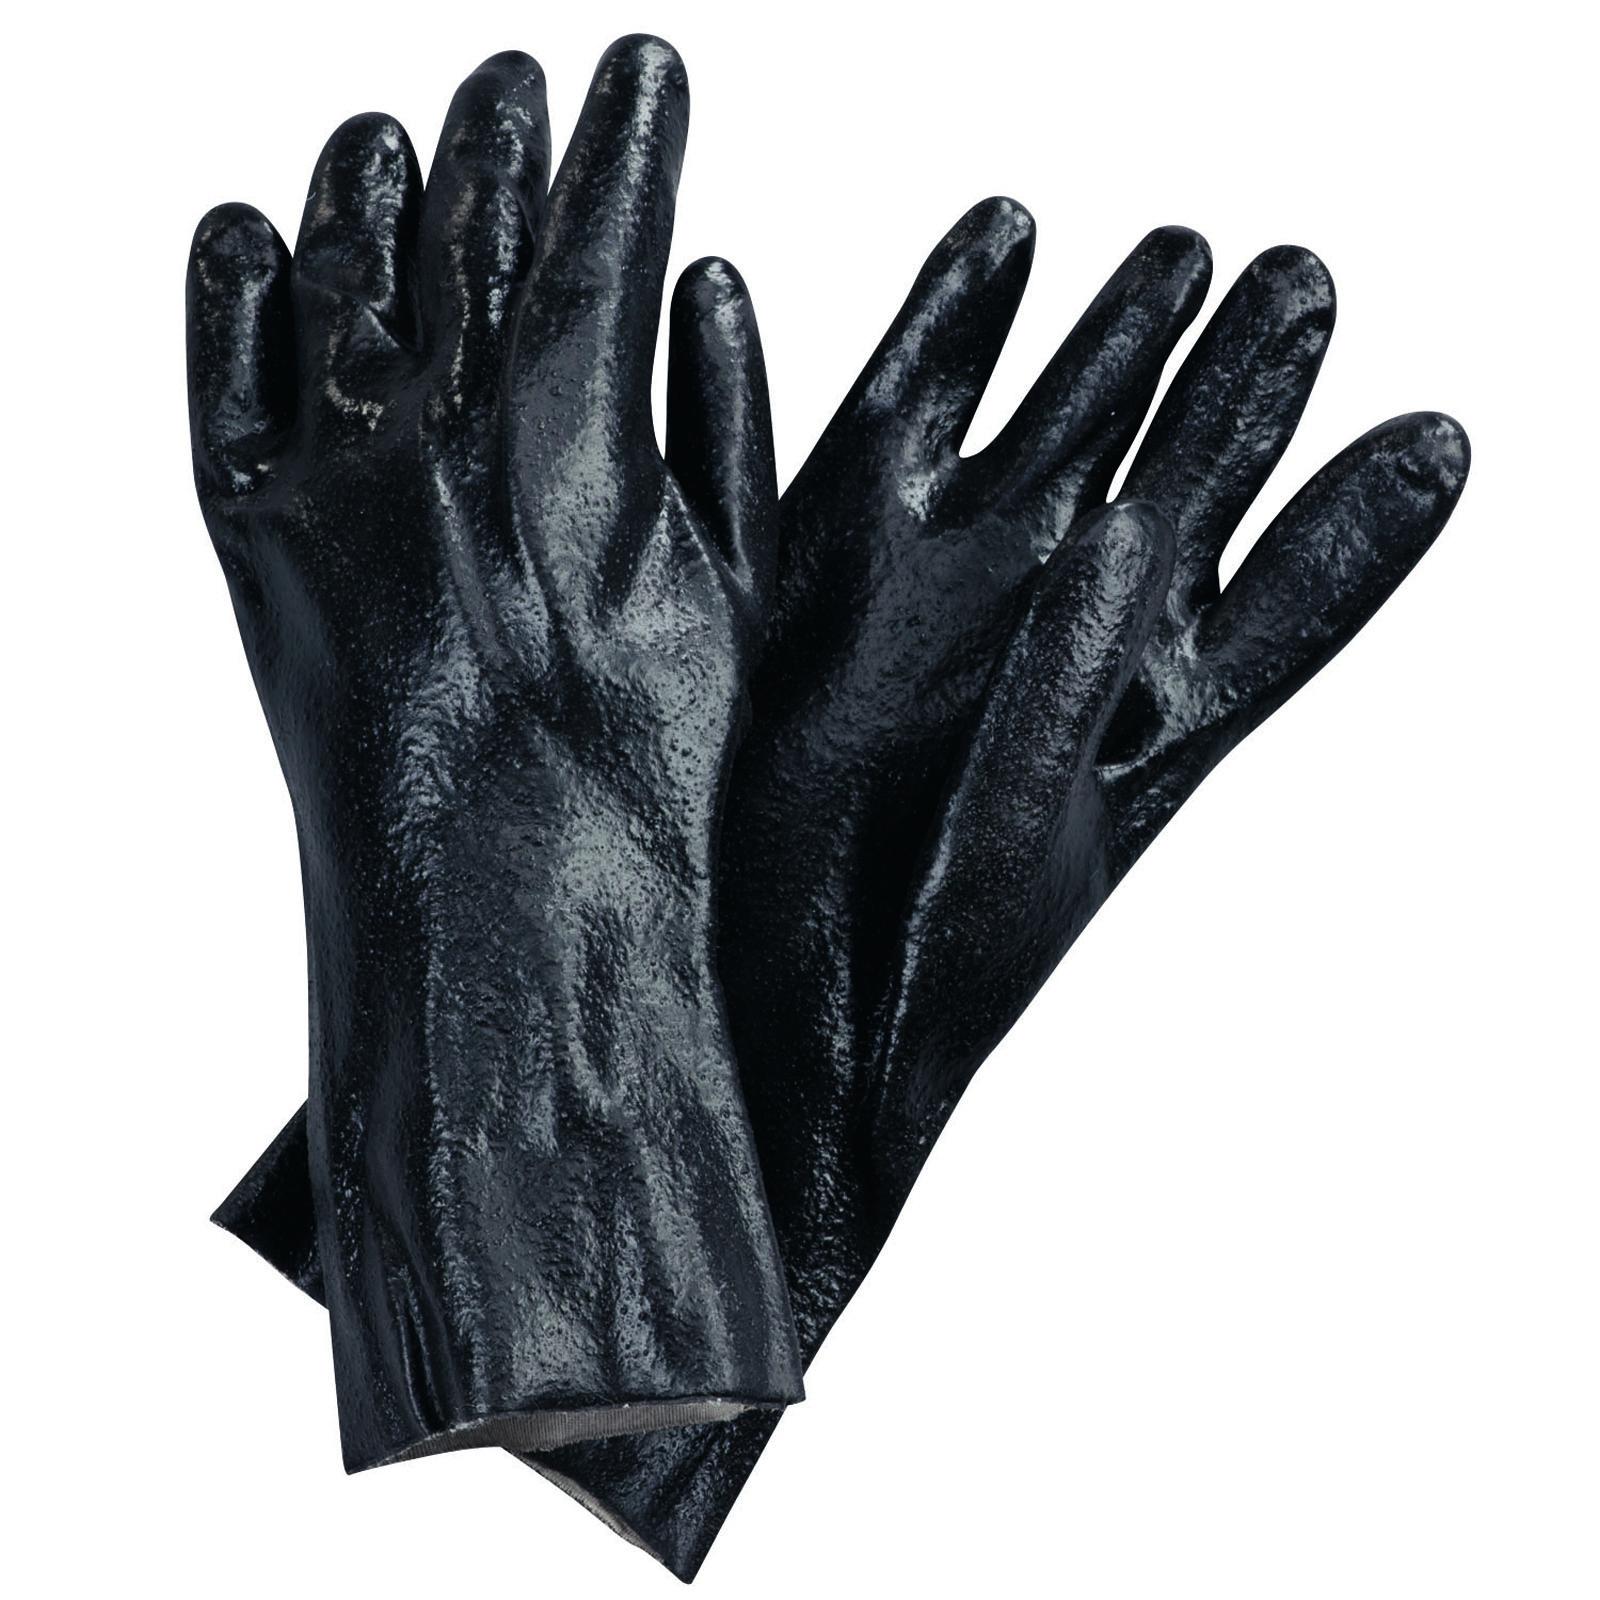 San Jamar 884 gloves, dishwashing / cleaning